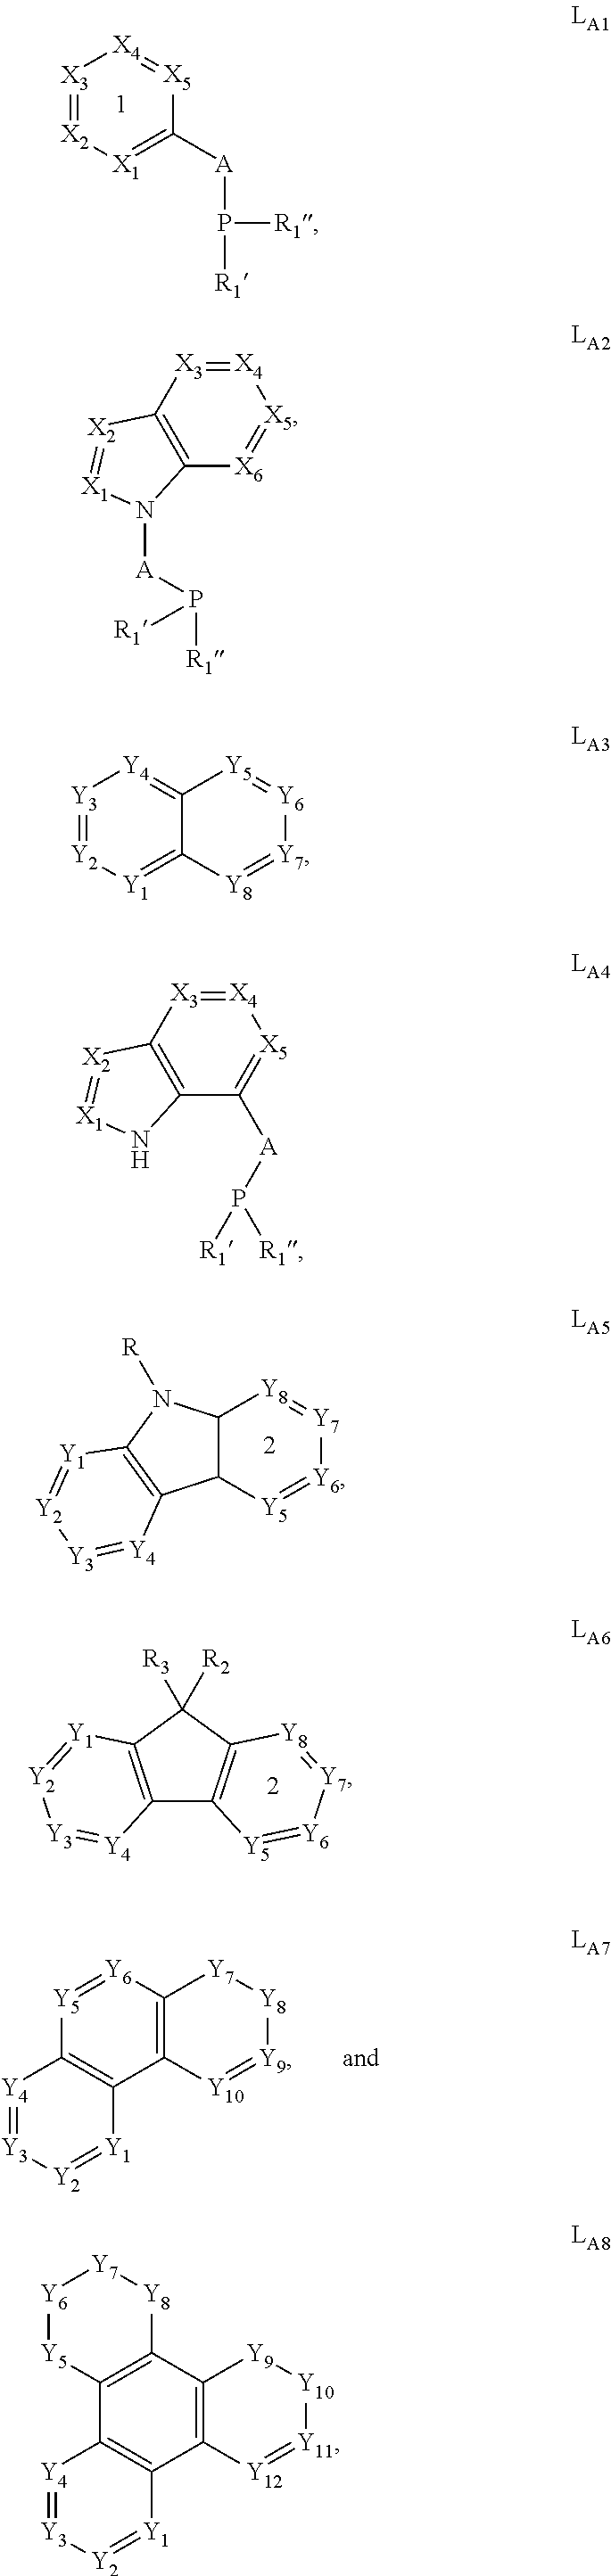 Figure US10121975-20181106-C00003